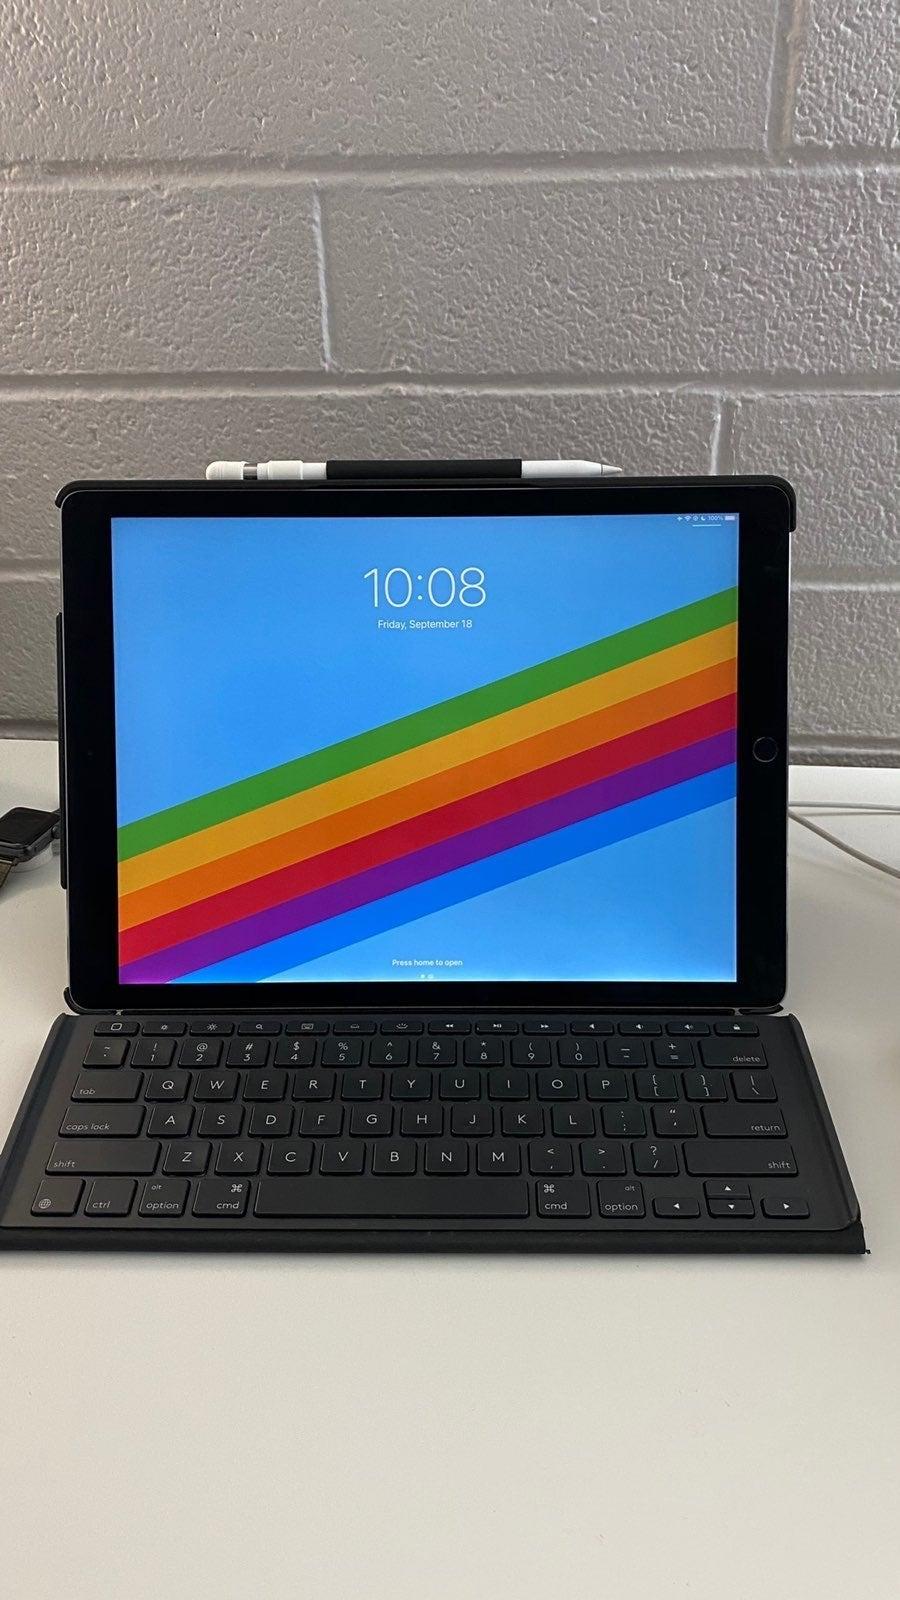 iPad Pro 12.9in 256GB w/pencil+keybaord